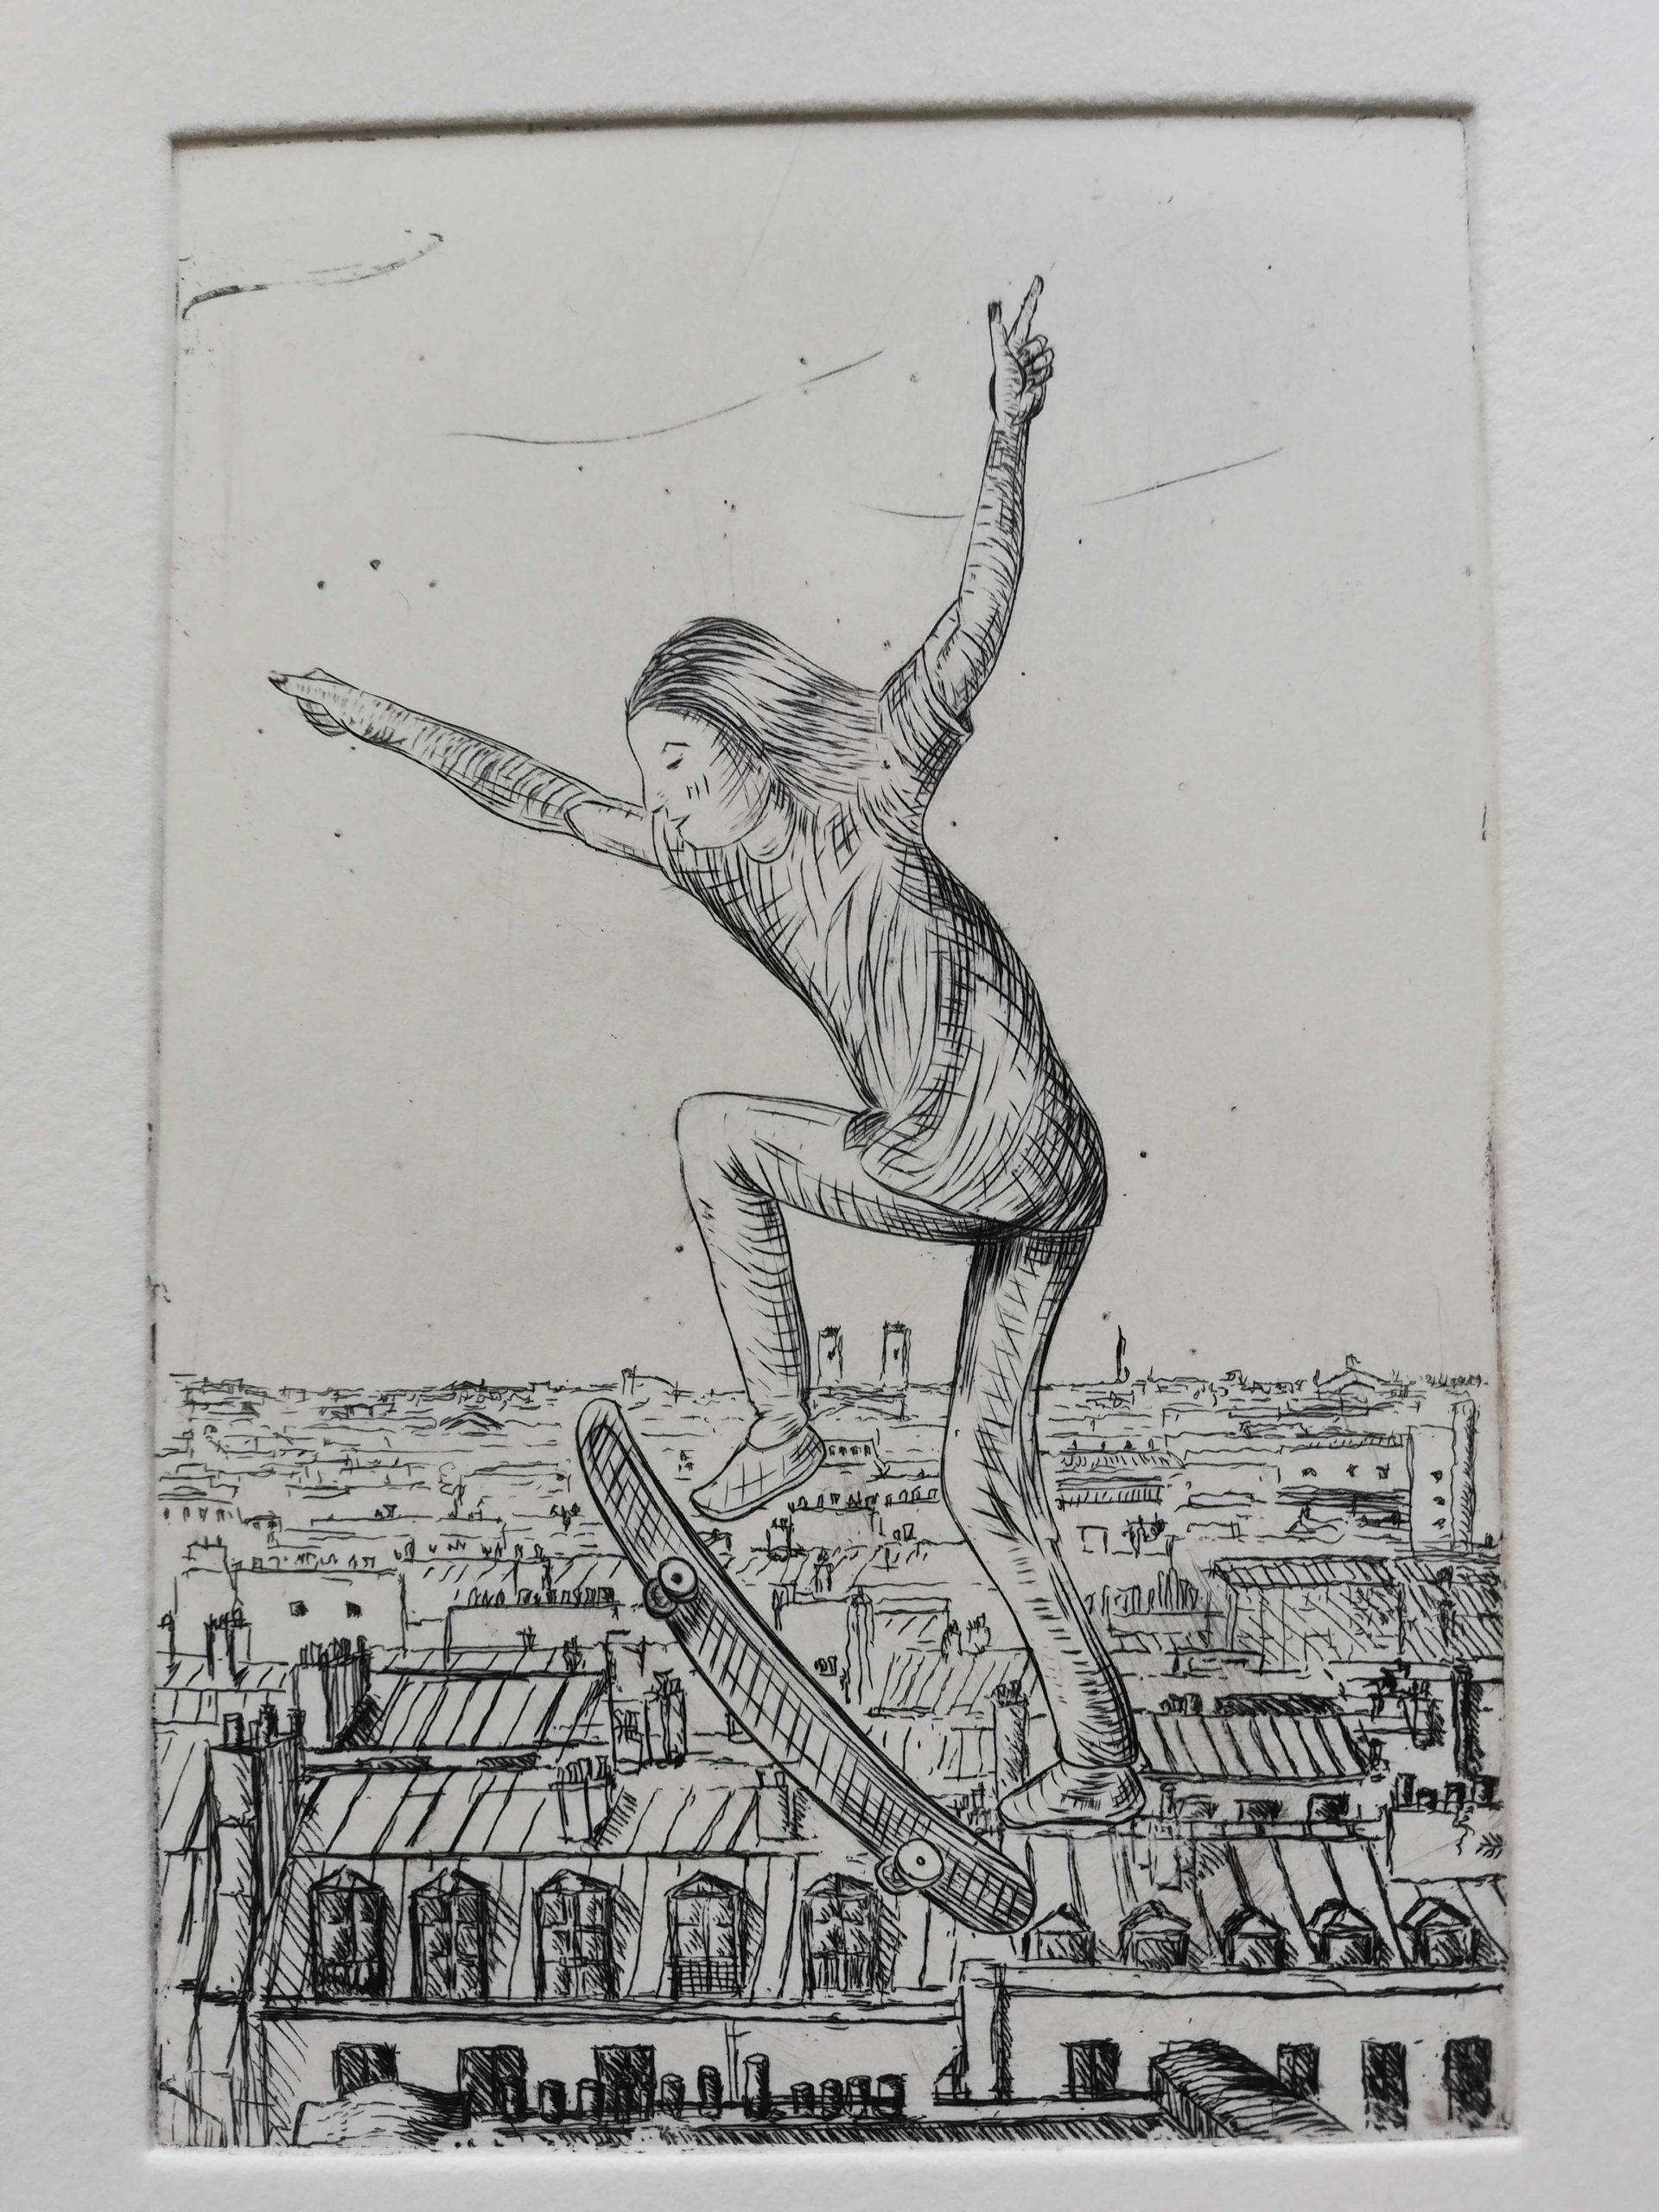 Ollie sur Paris engraved by Michel Puharré 2020